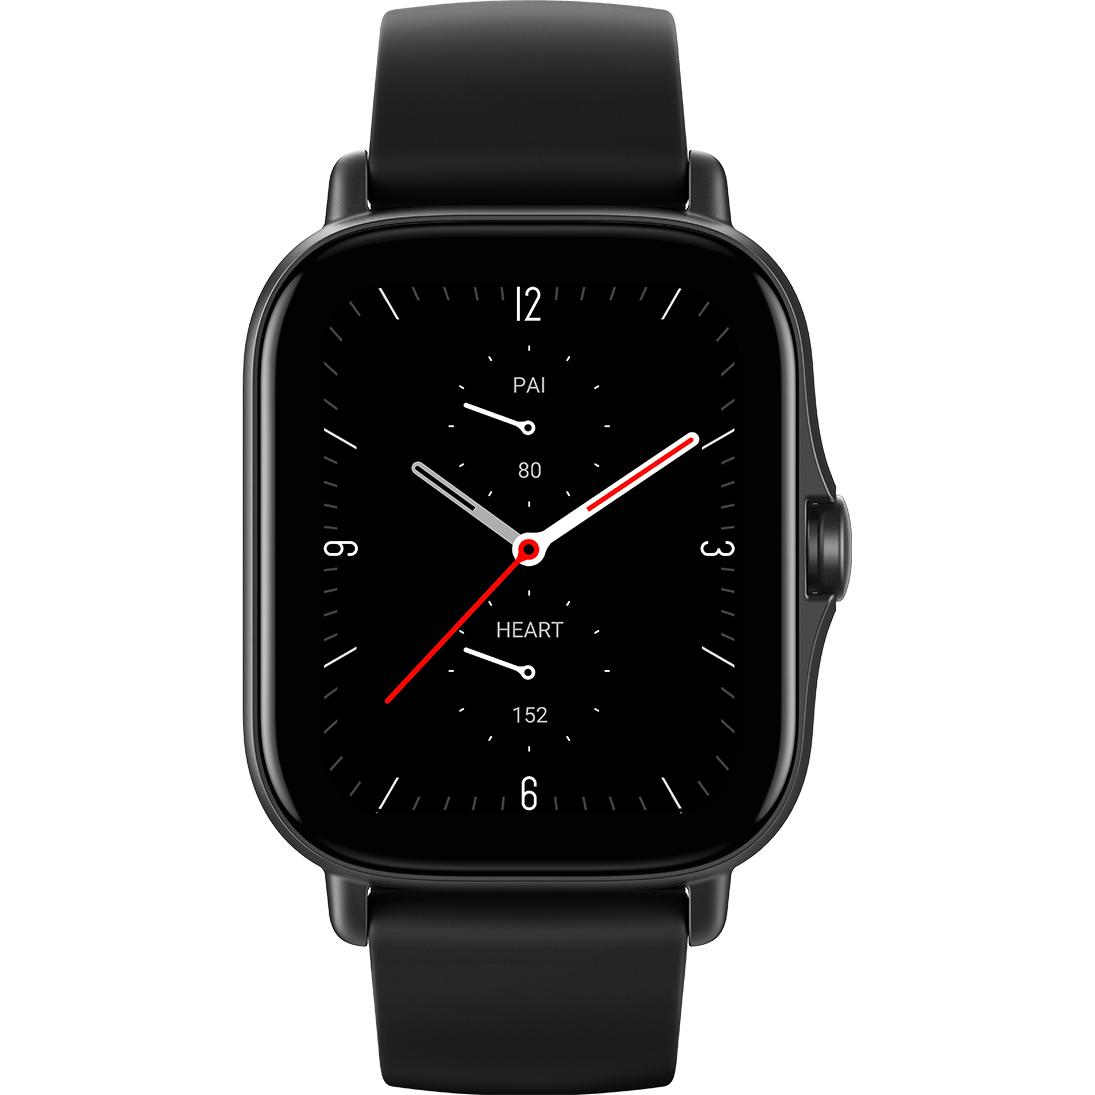 Фото - Смарт-часы Amazfit GTS 2e A2021 Black часы amazfit stratos smart sports watch 2 a1619 черный